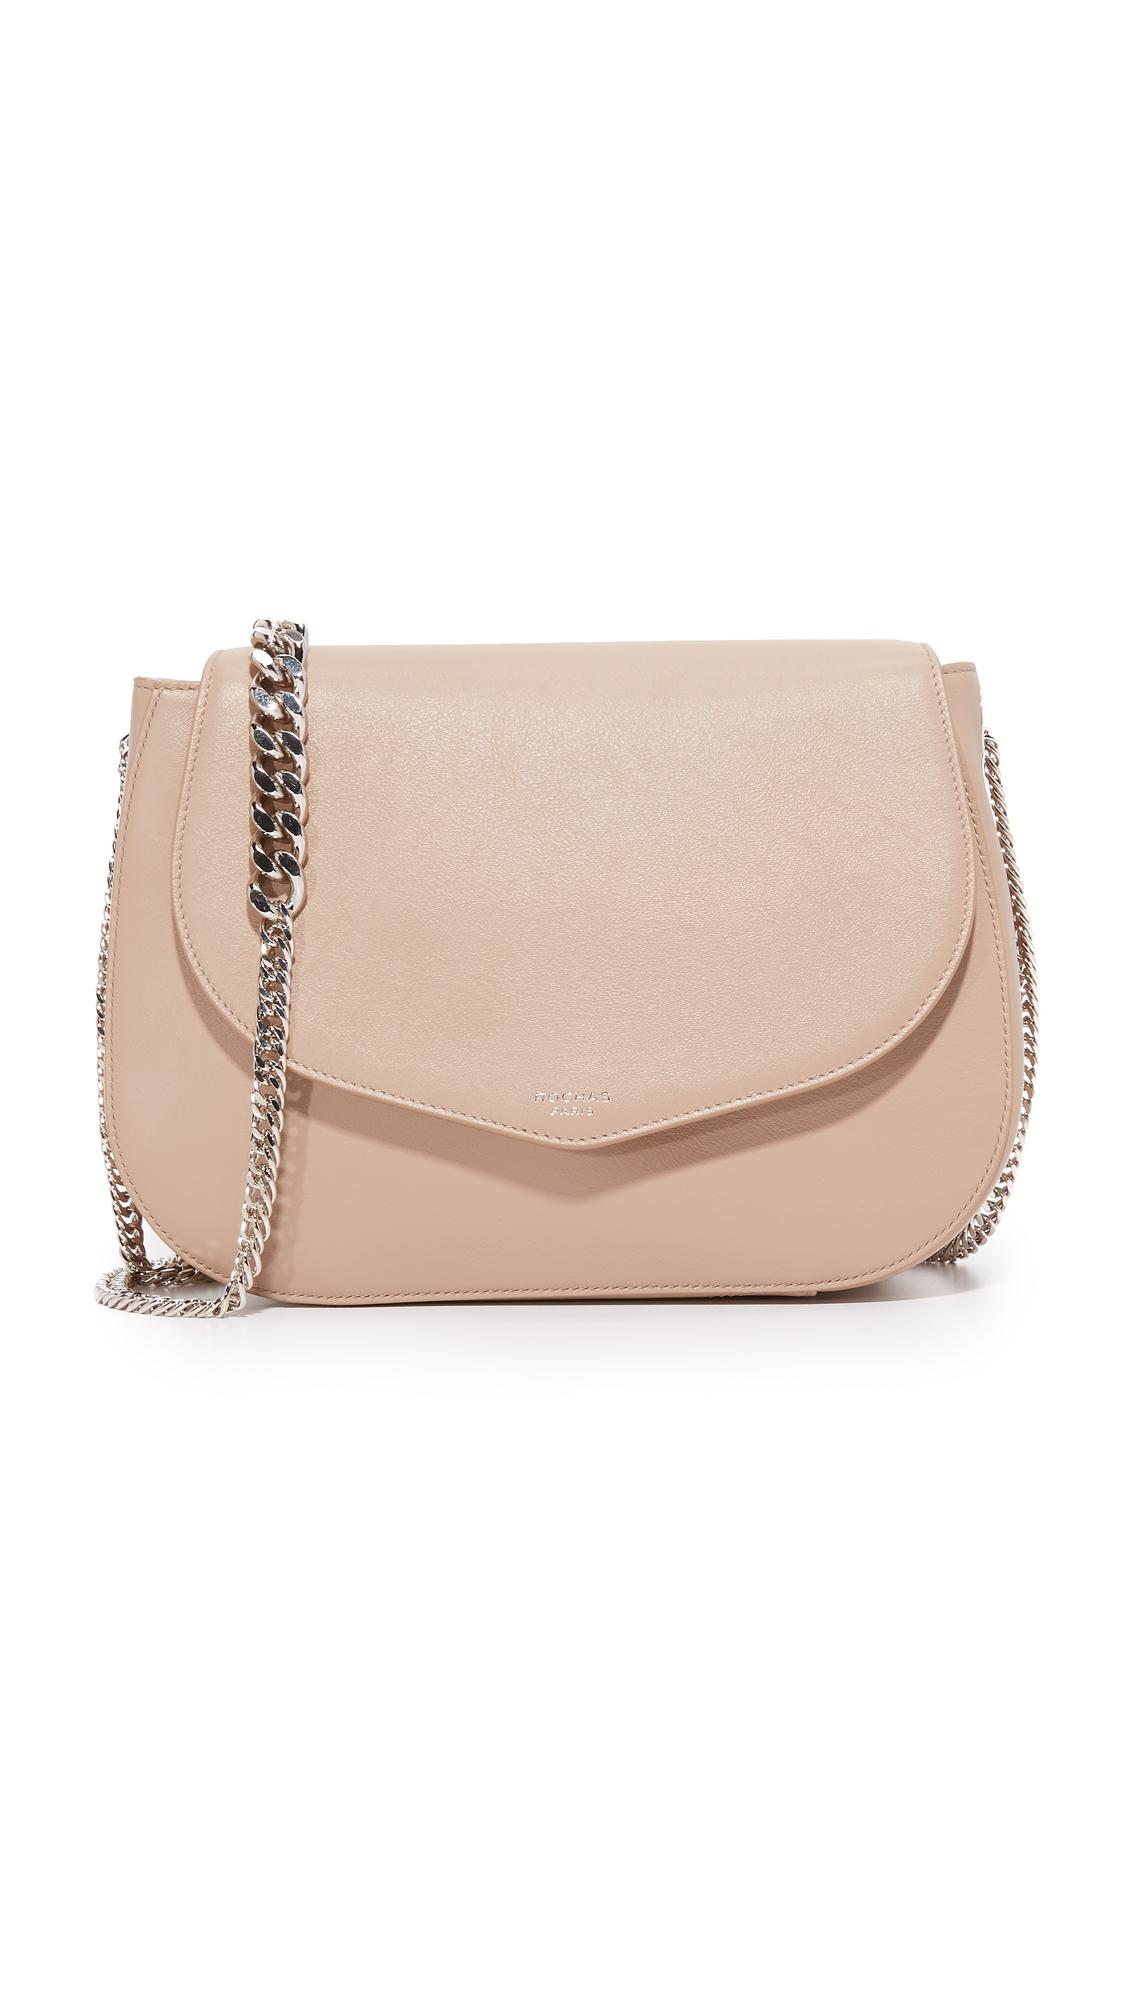 rochas female rochas shoulder bag light beige